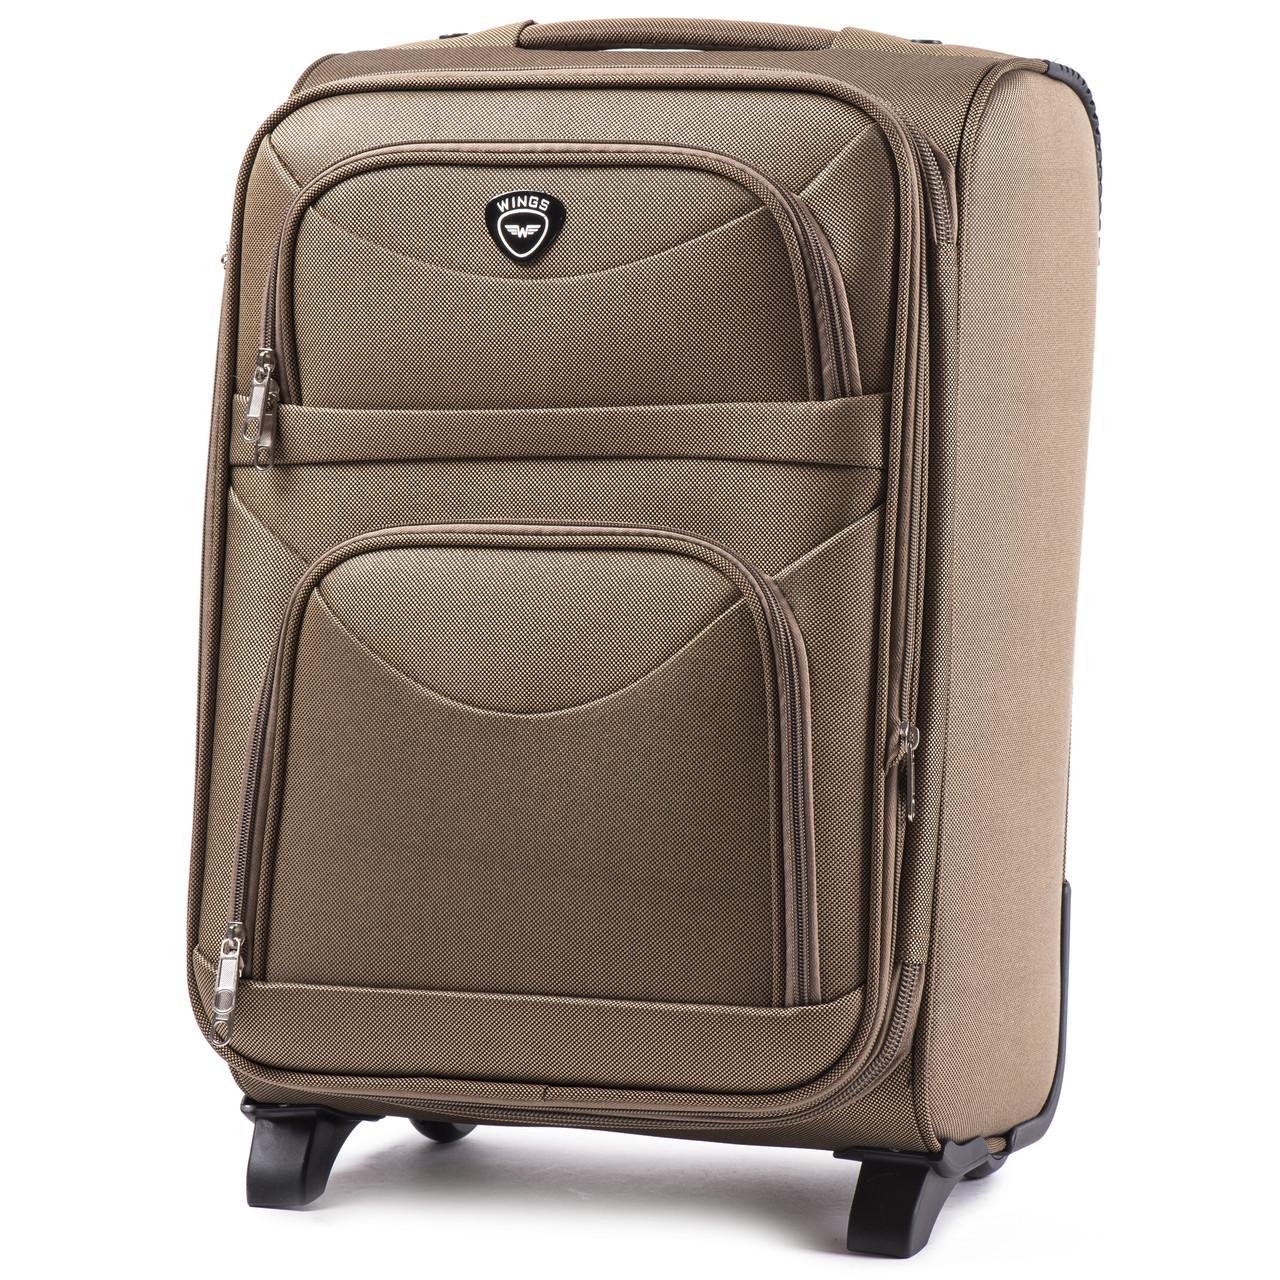 Большой тканевый чемодан Wings 6802 на 2 колесах бежевый